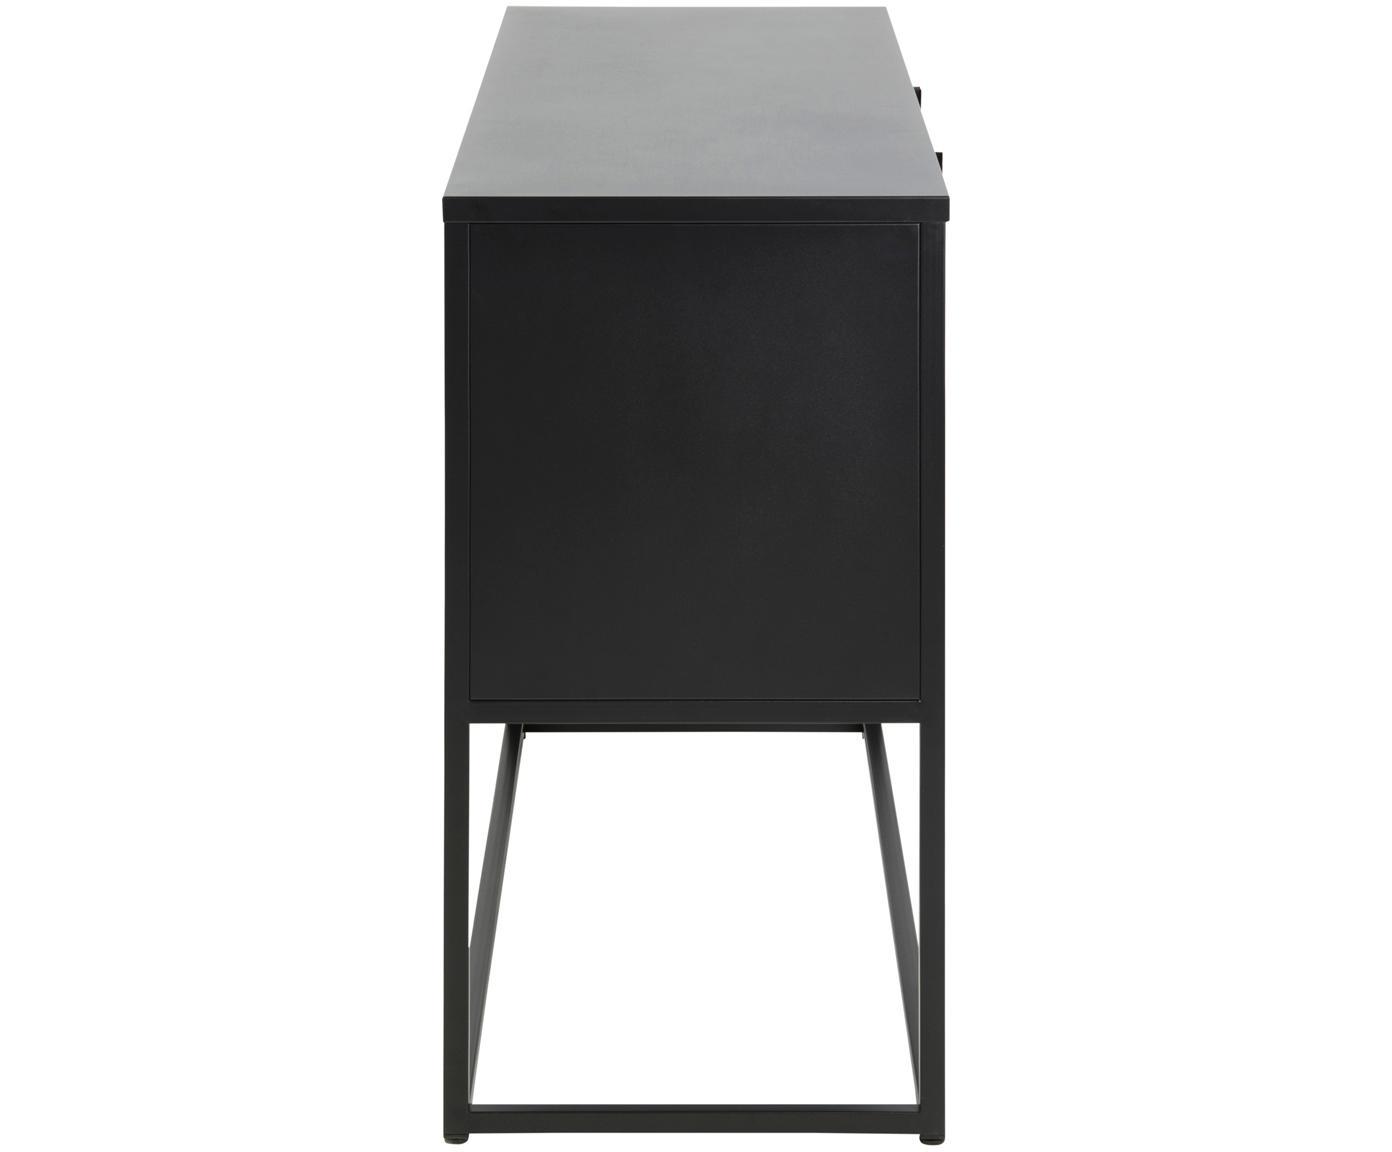 Komoda z metalu Newton, Metal malowany proszkowo, Czarny, S 120 x W 80 cm